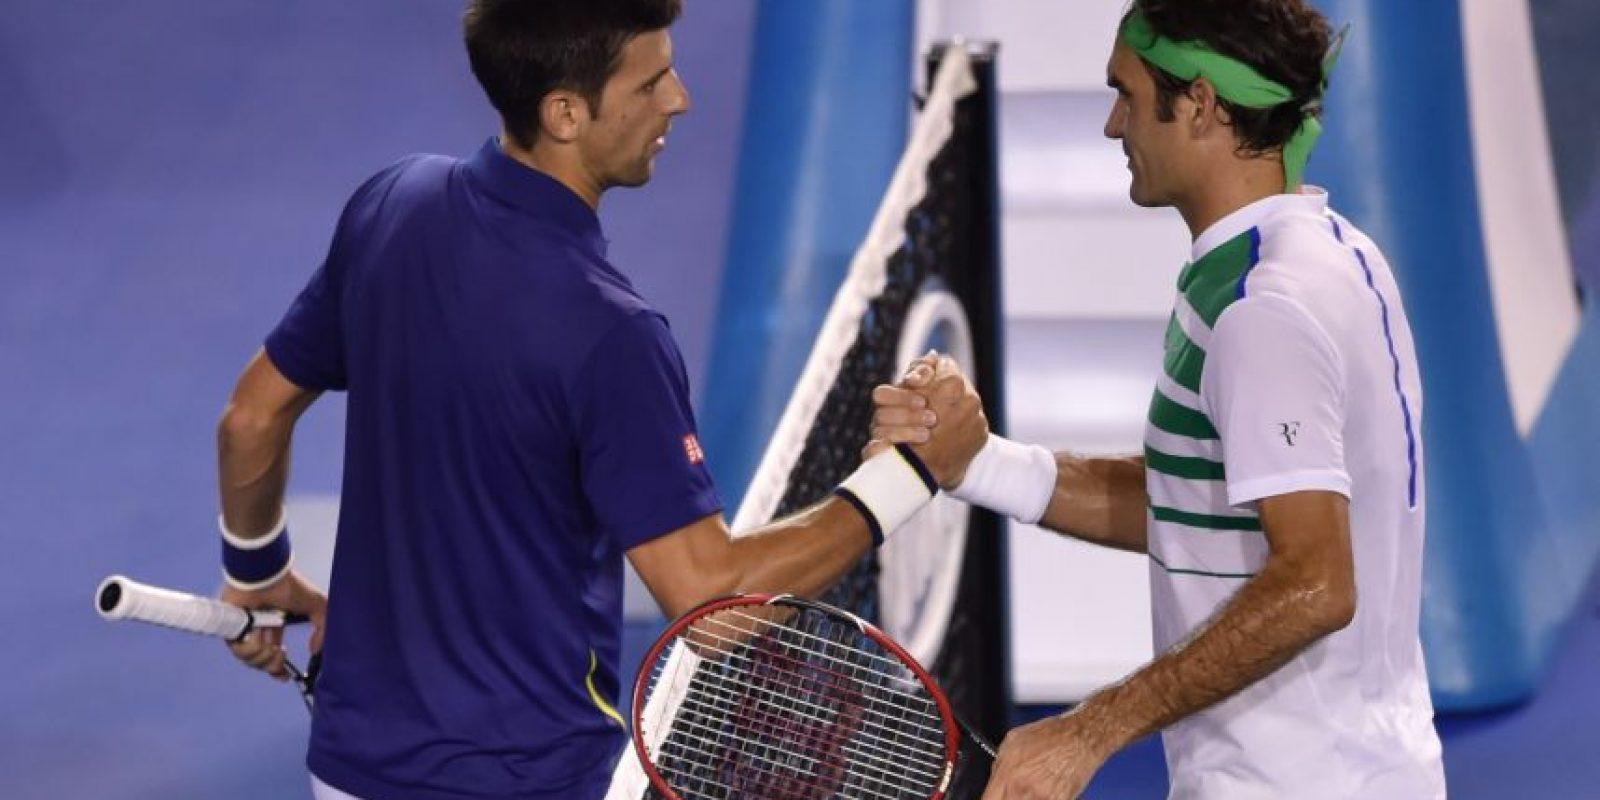 El saludo de ambos tenistas al finalizar el partido. Foto:AFP